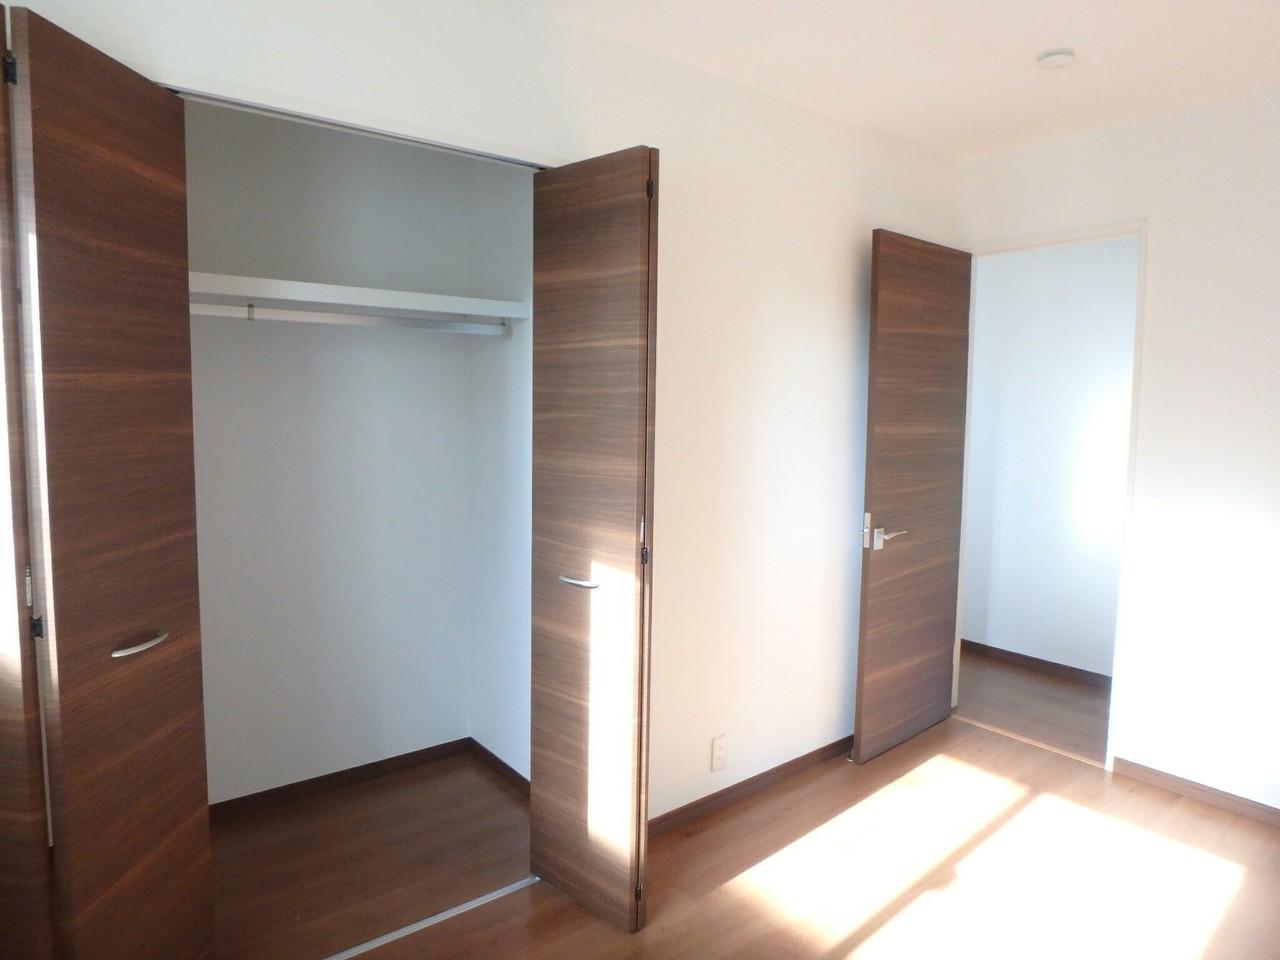 2階洋室は各部屋に収納がついています。 たっぷり収納が完備されていますので、整理がしやすく便利です♪